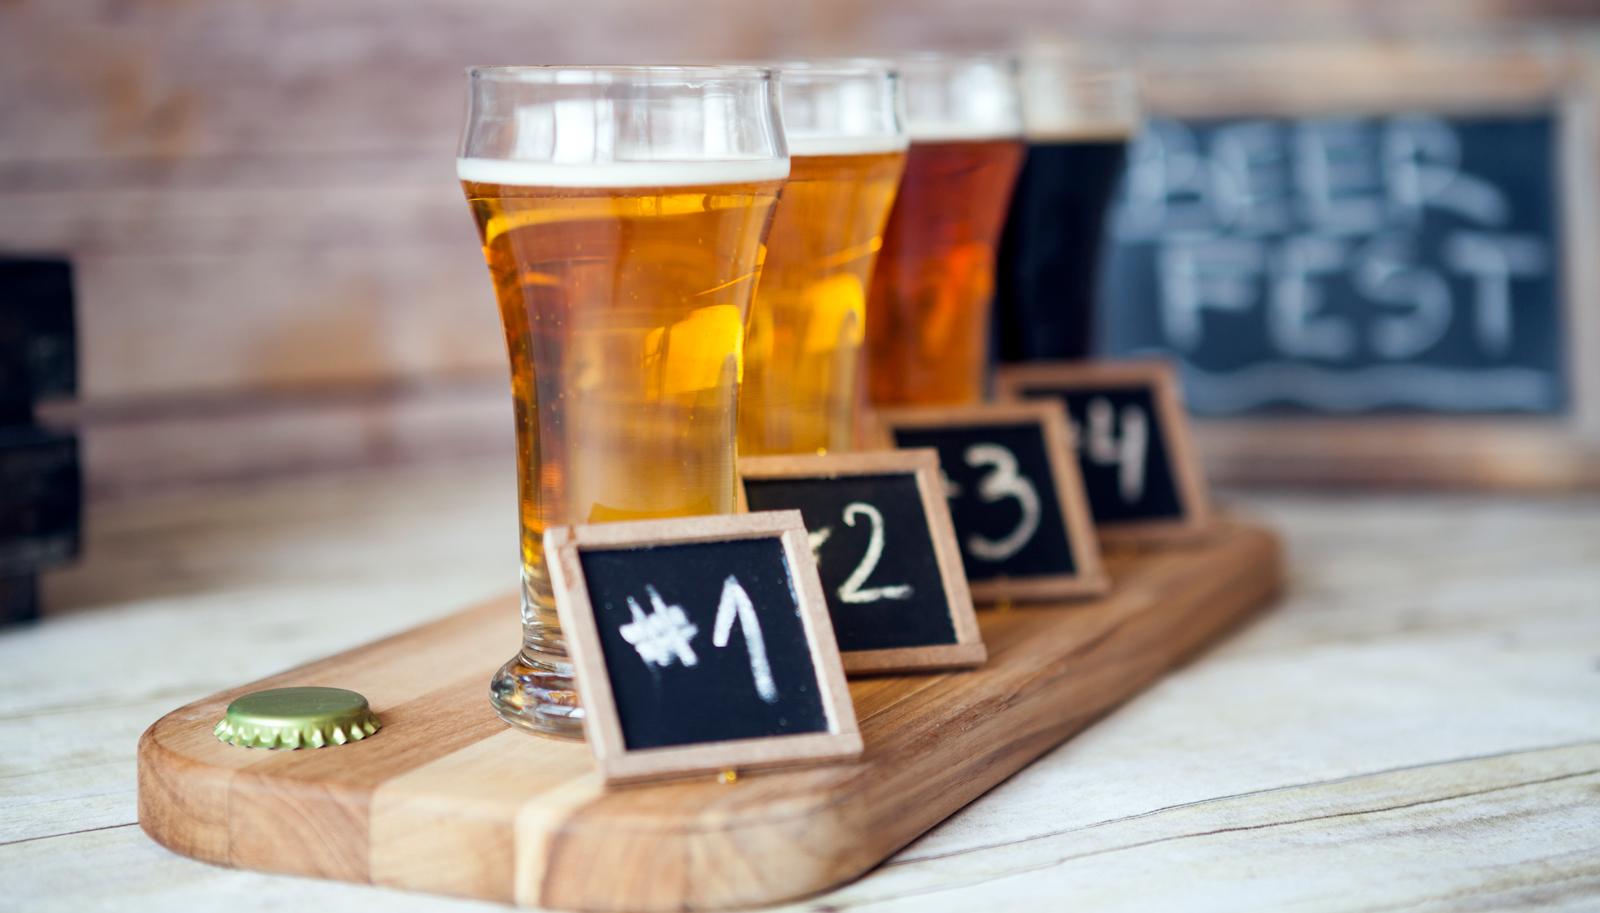 diferencia entre catar y degustar cerveza